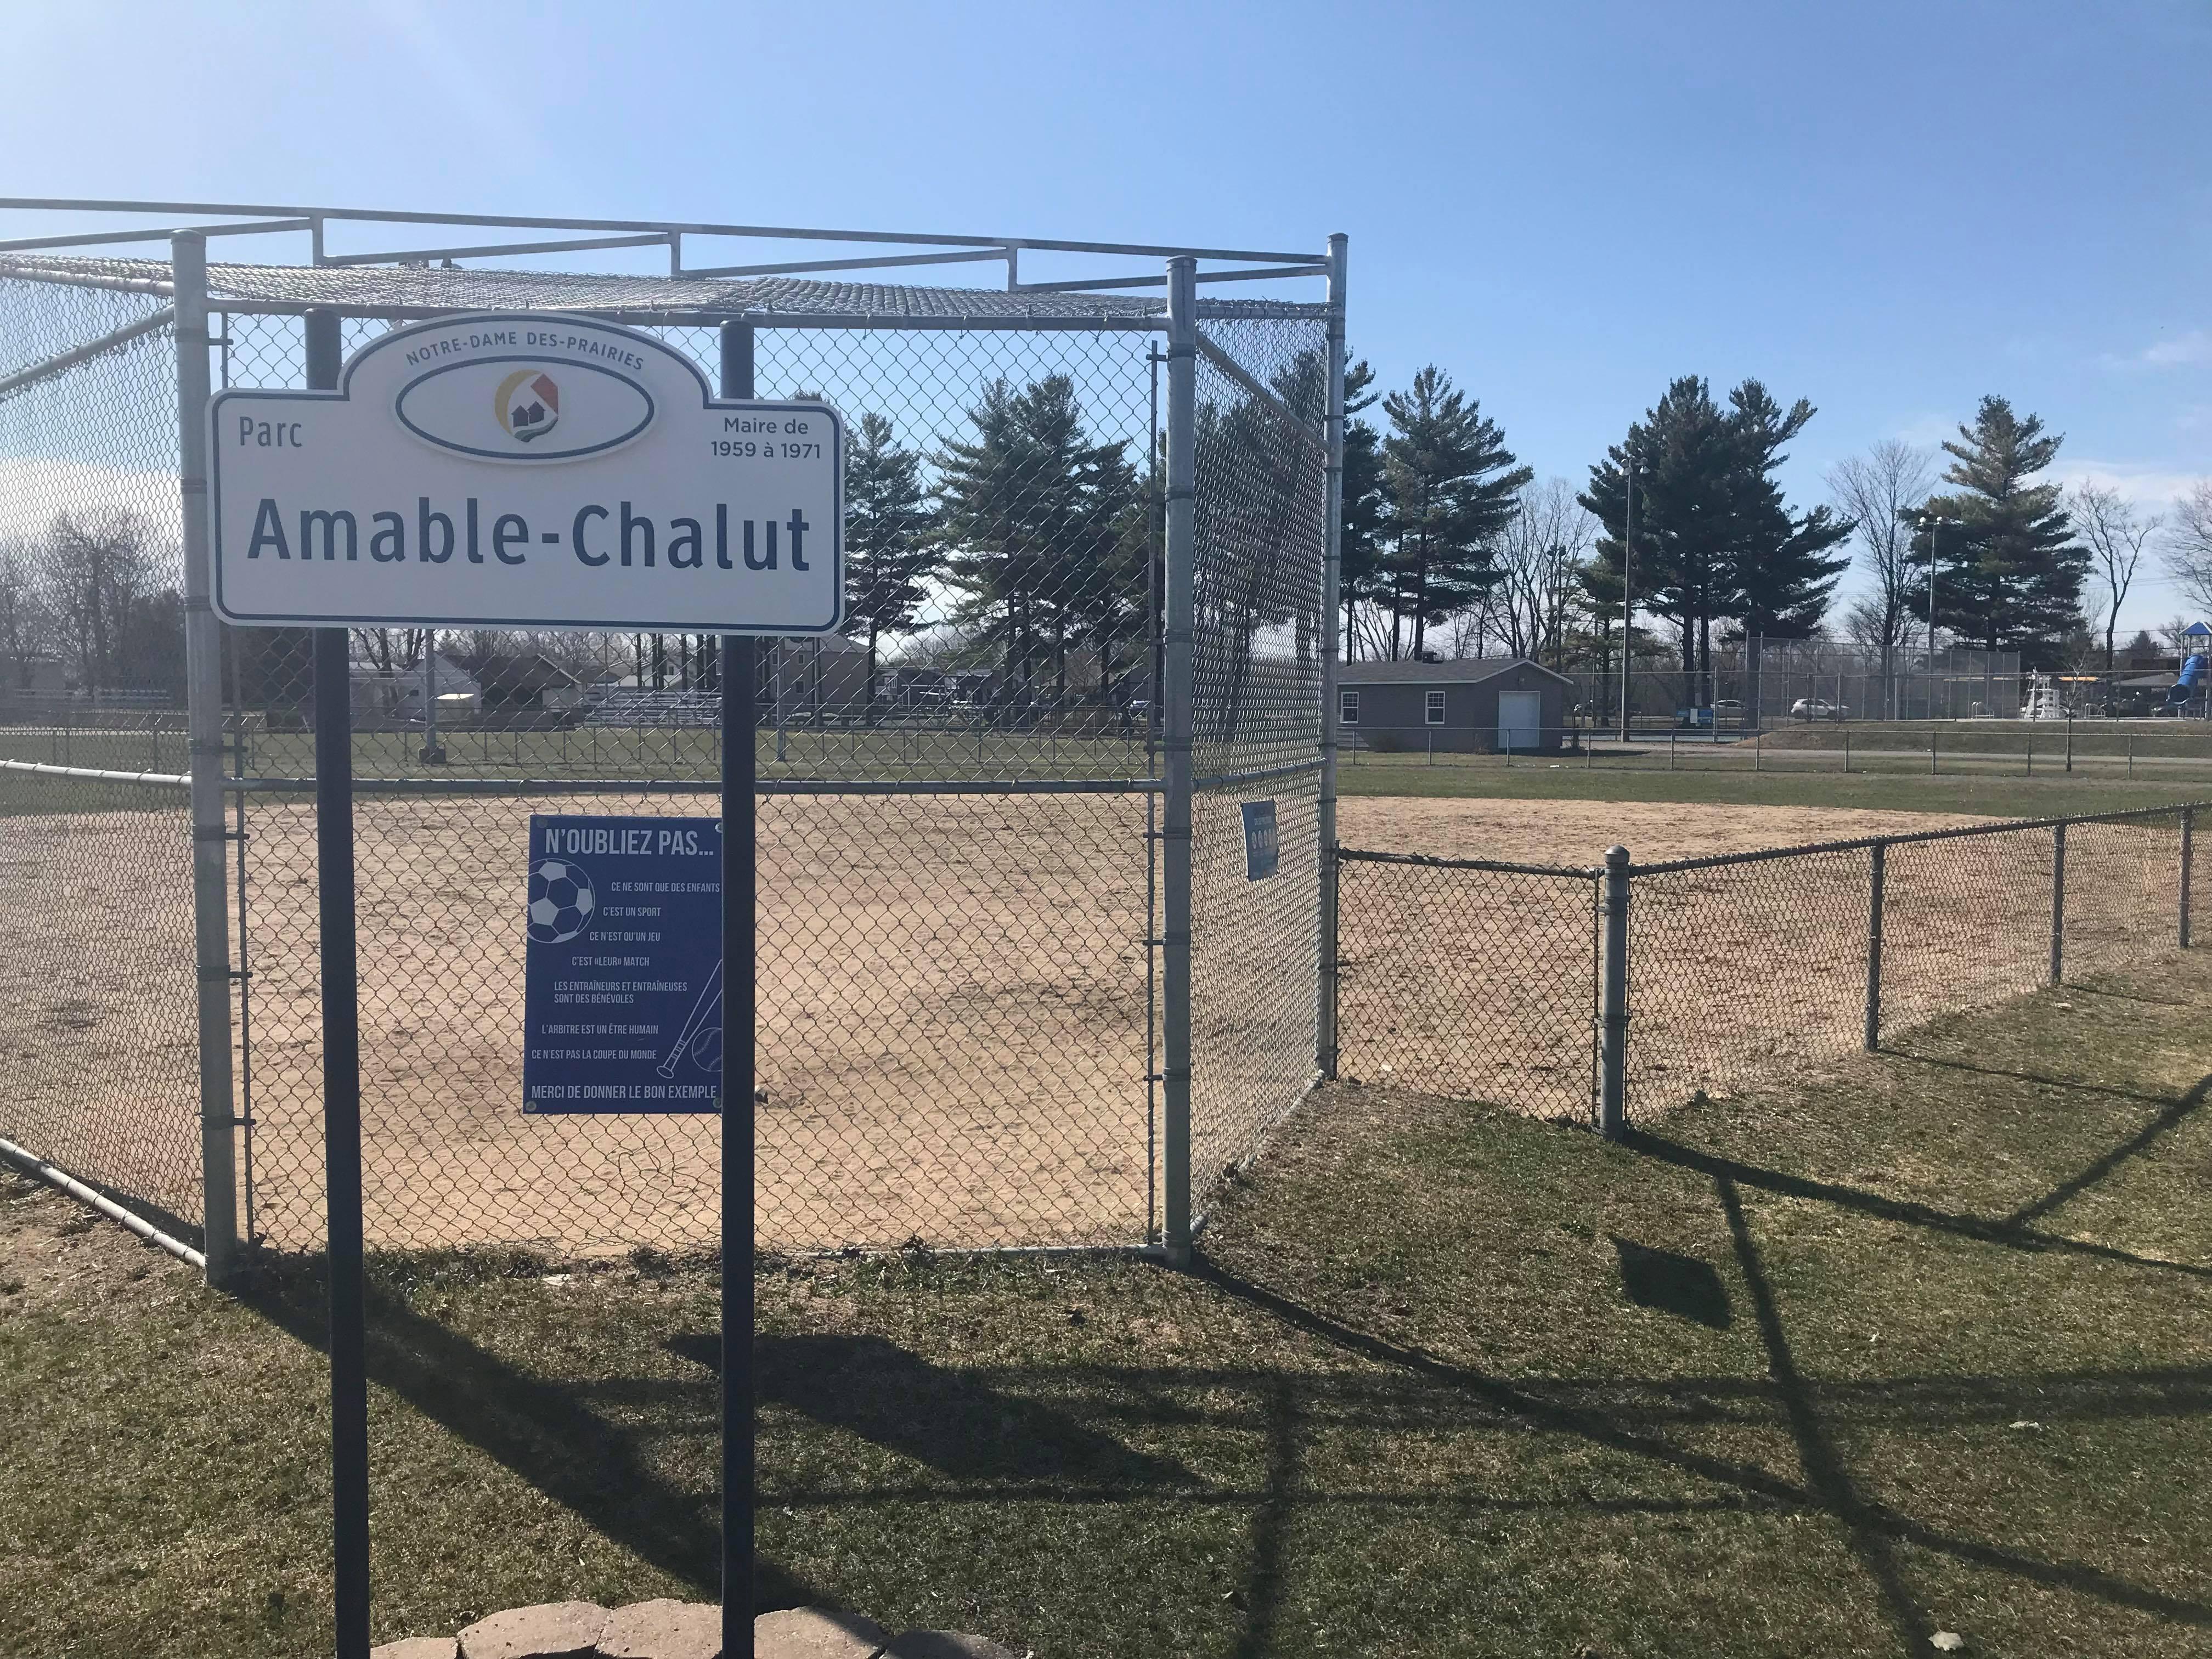 Parc Amable-Chalut